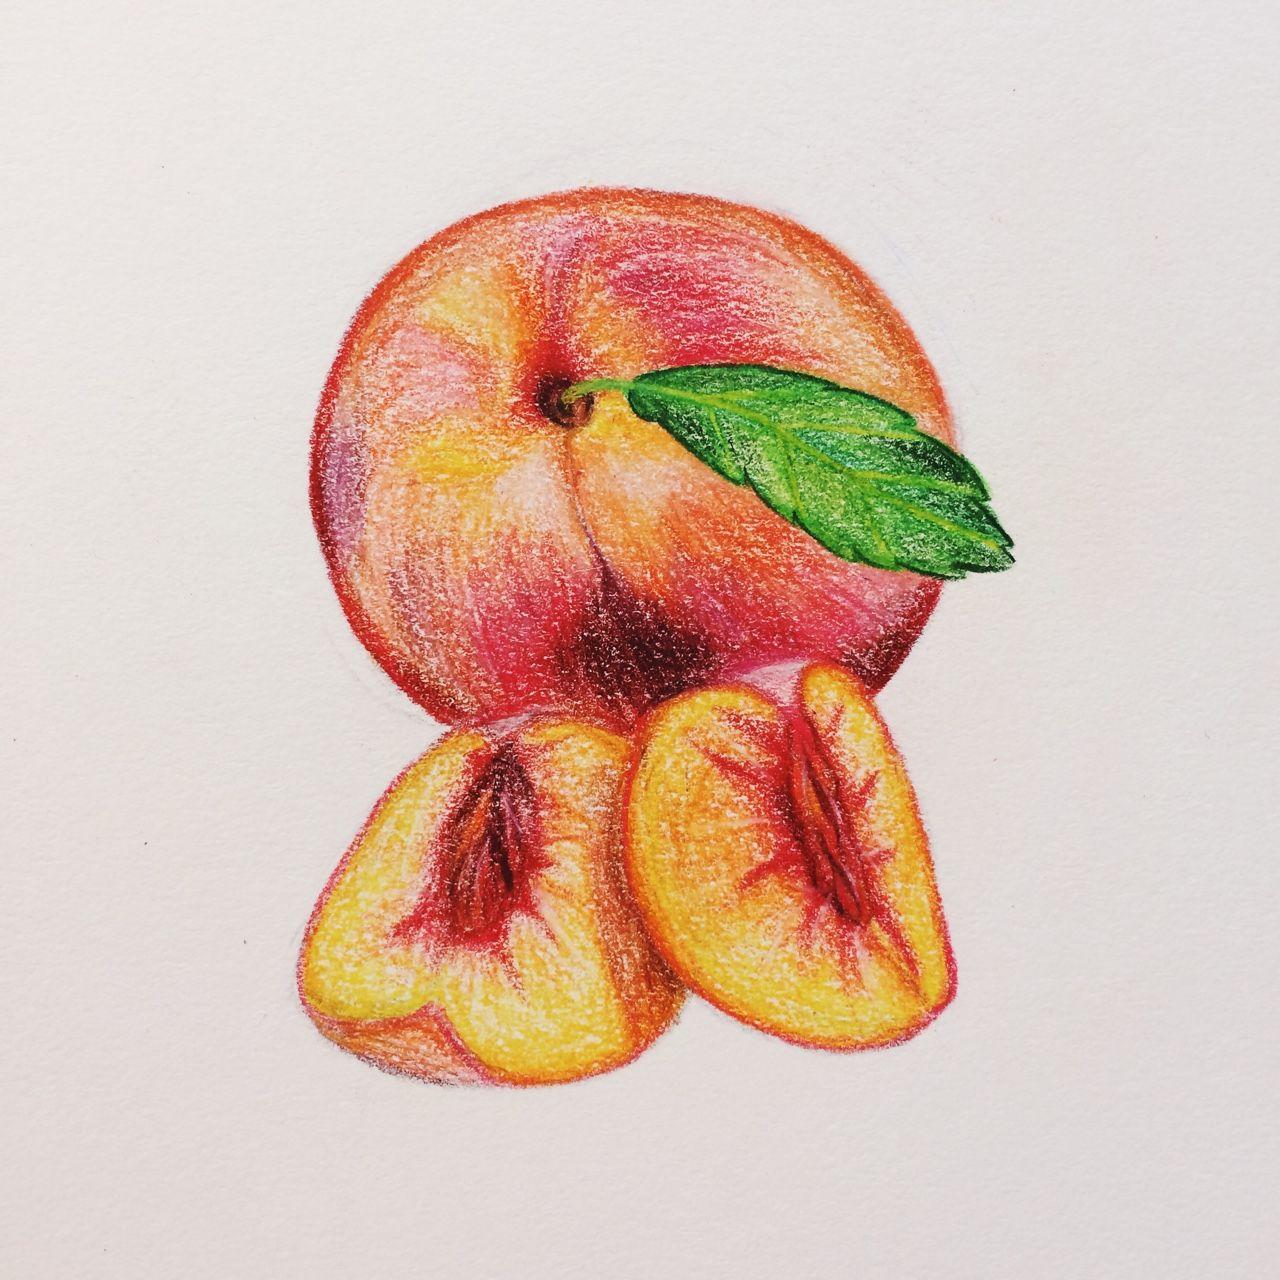 Картинки фрукты для срисовывания